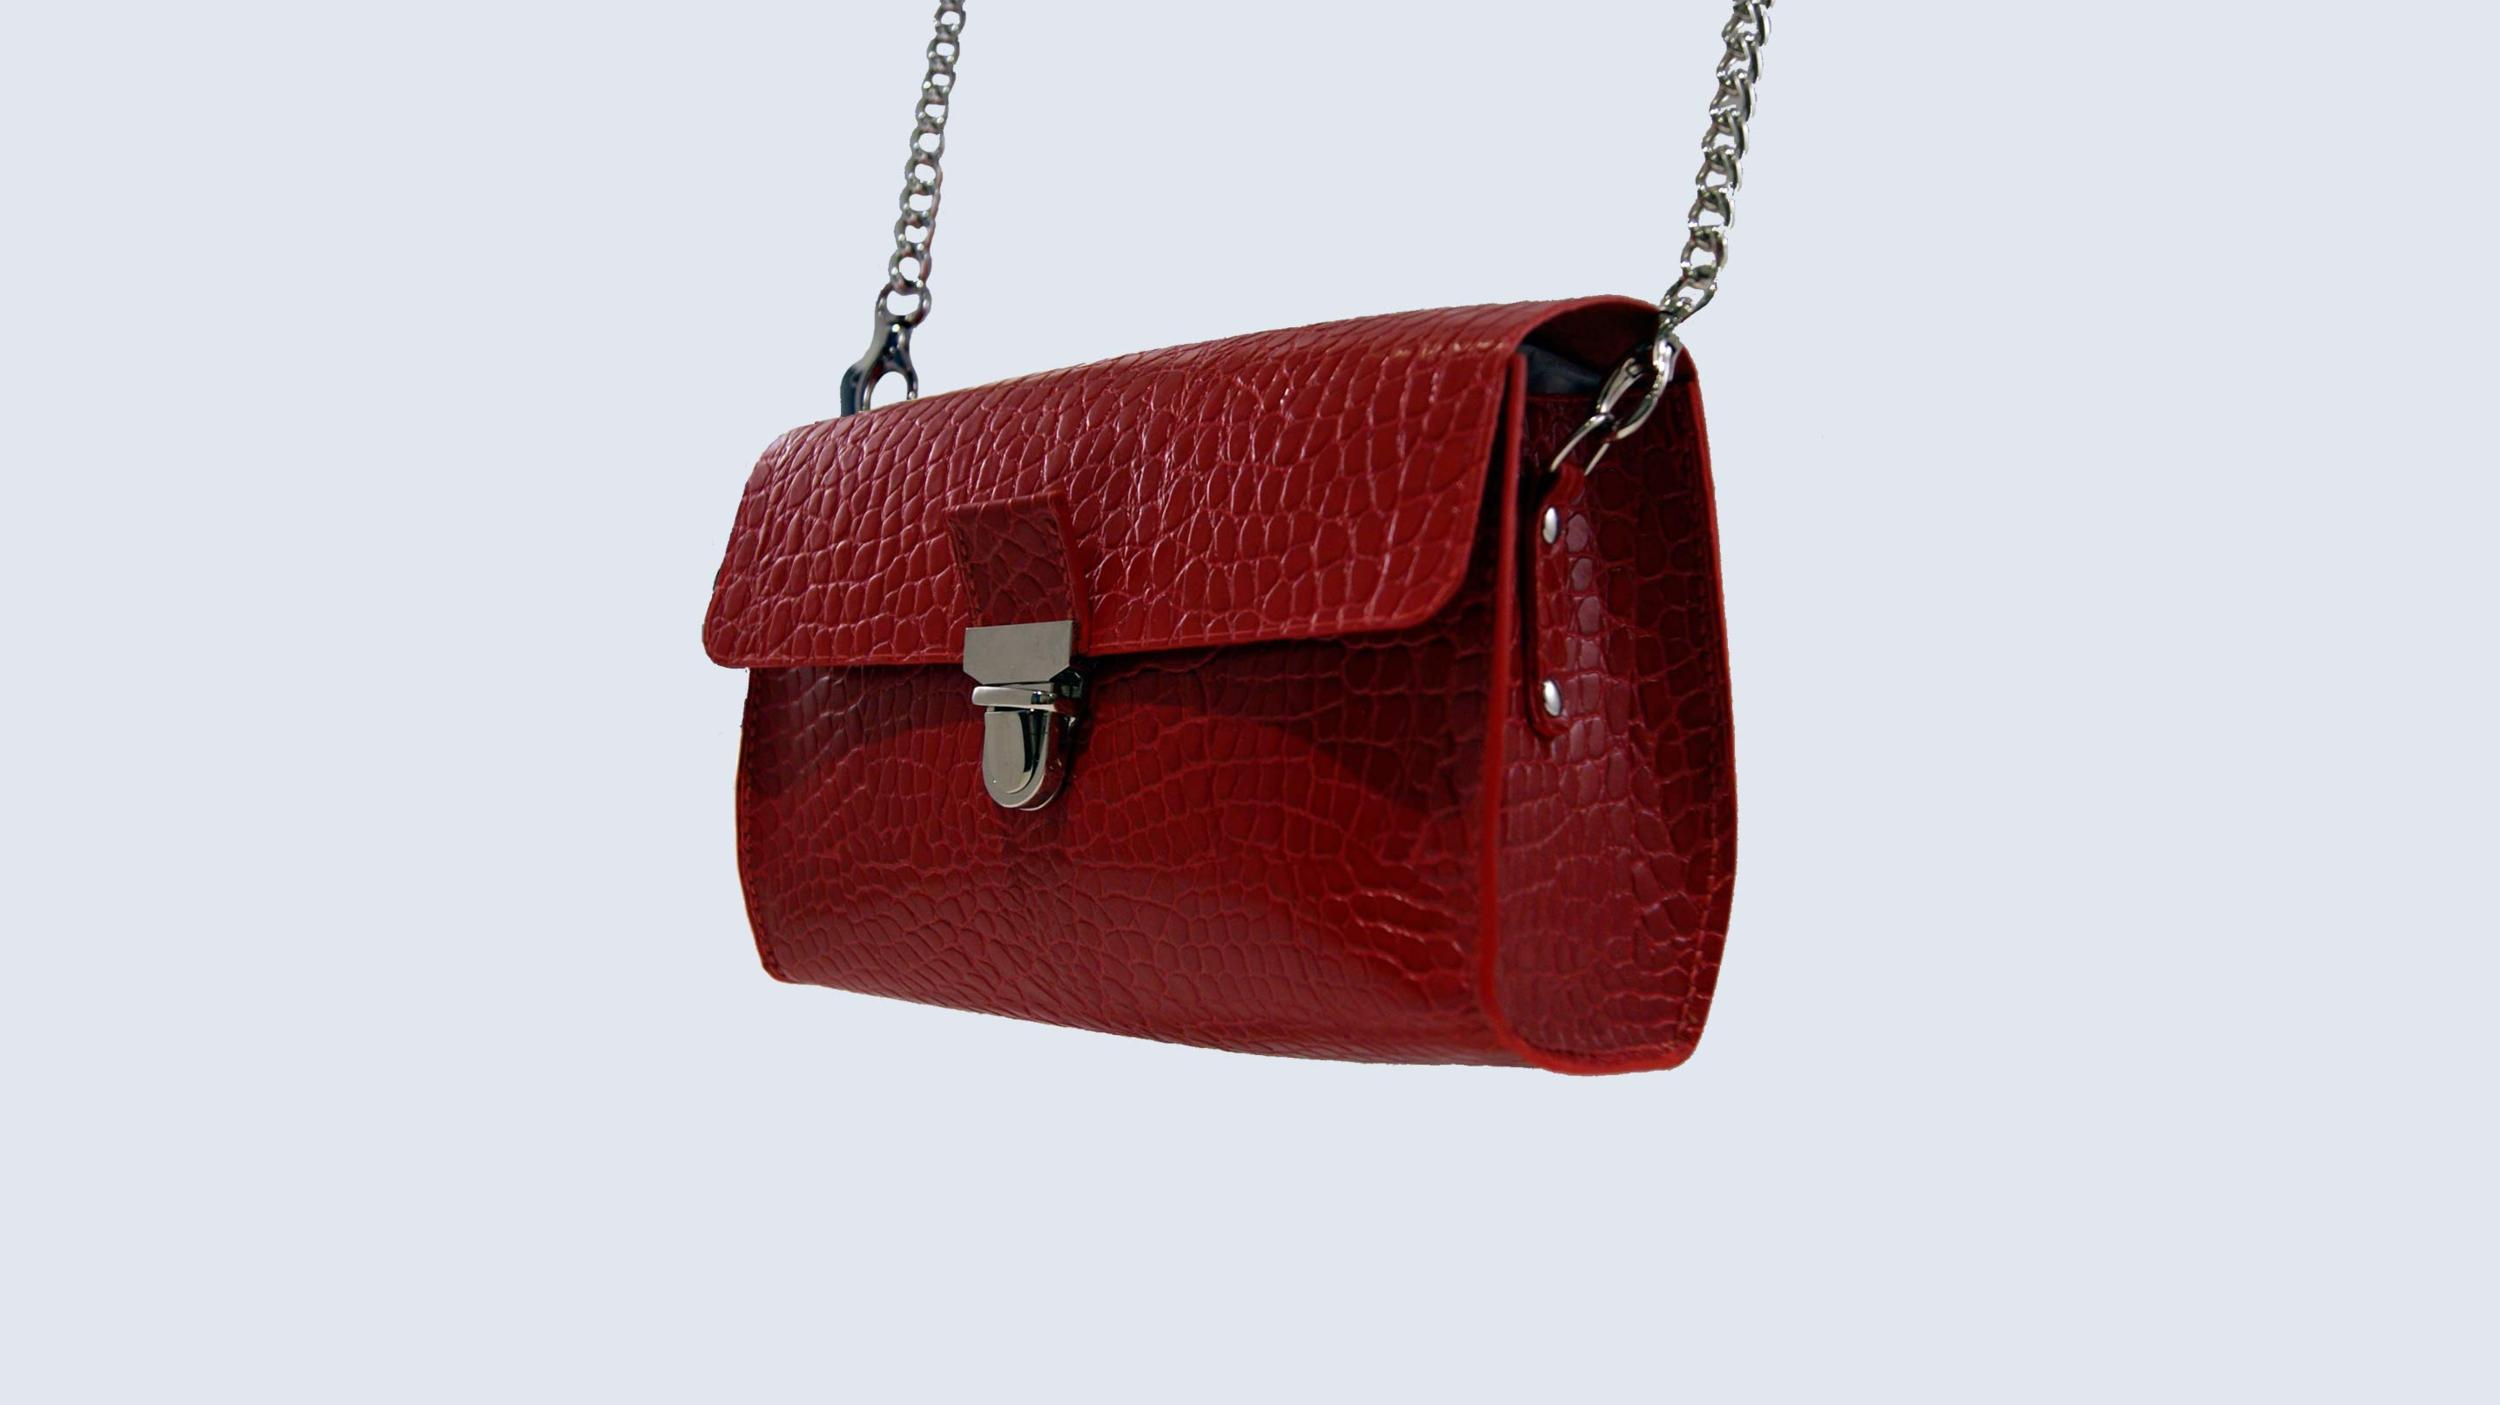 JAÏPUR sac porté épaule ou croisé en cuir de veau façon croco rouge vernis